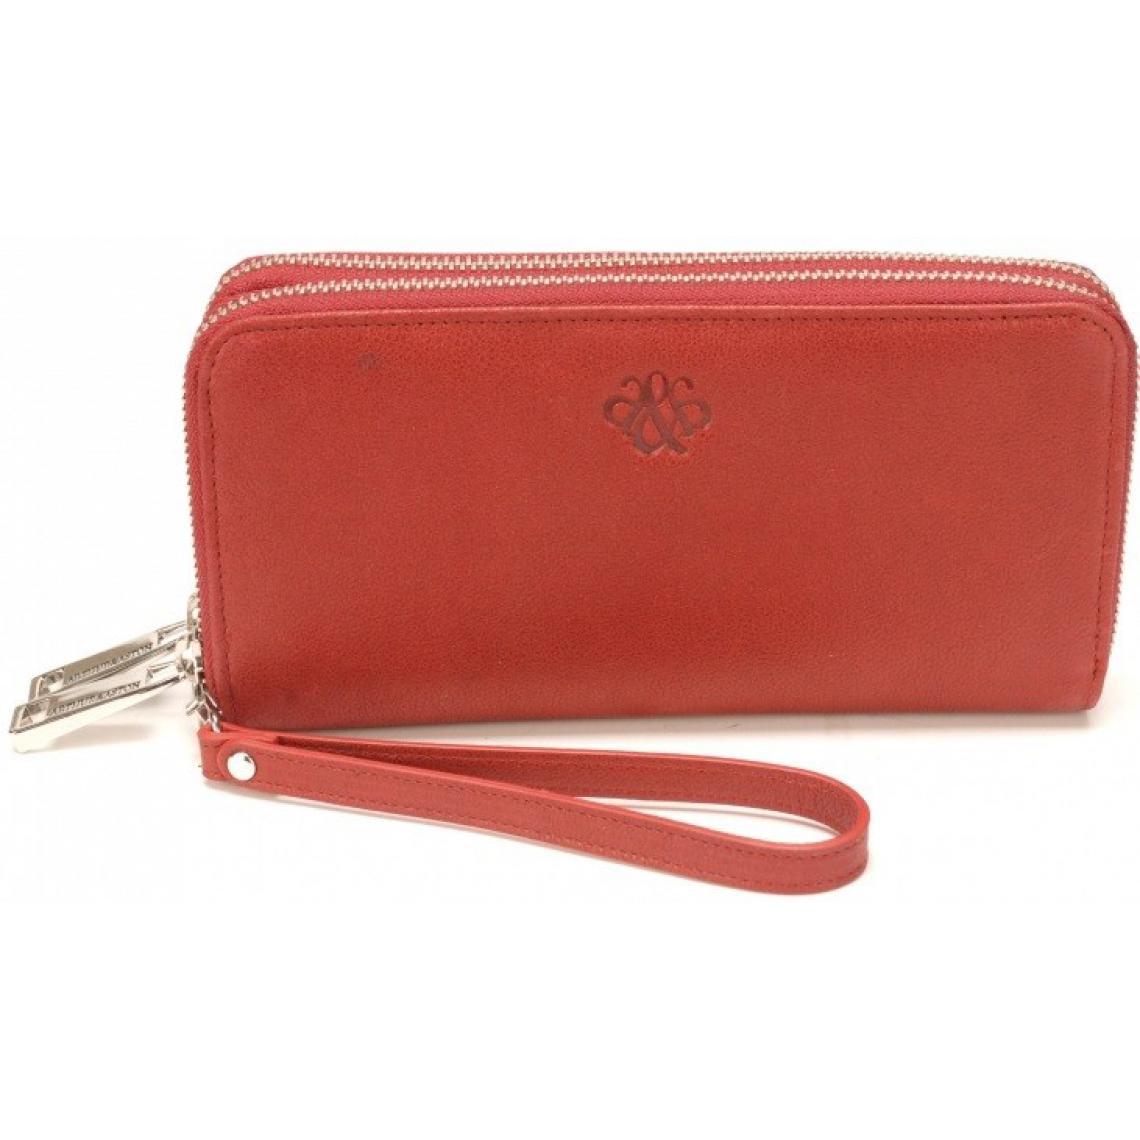 Un Prix Abordable Femmes-Porte-monnaie cuir rouge